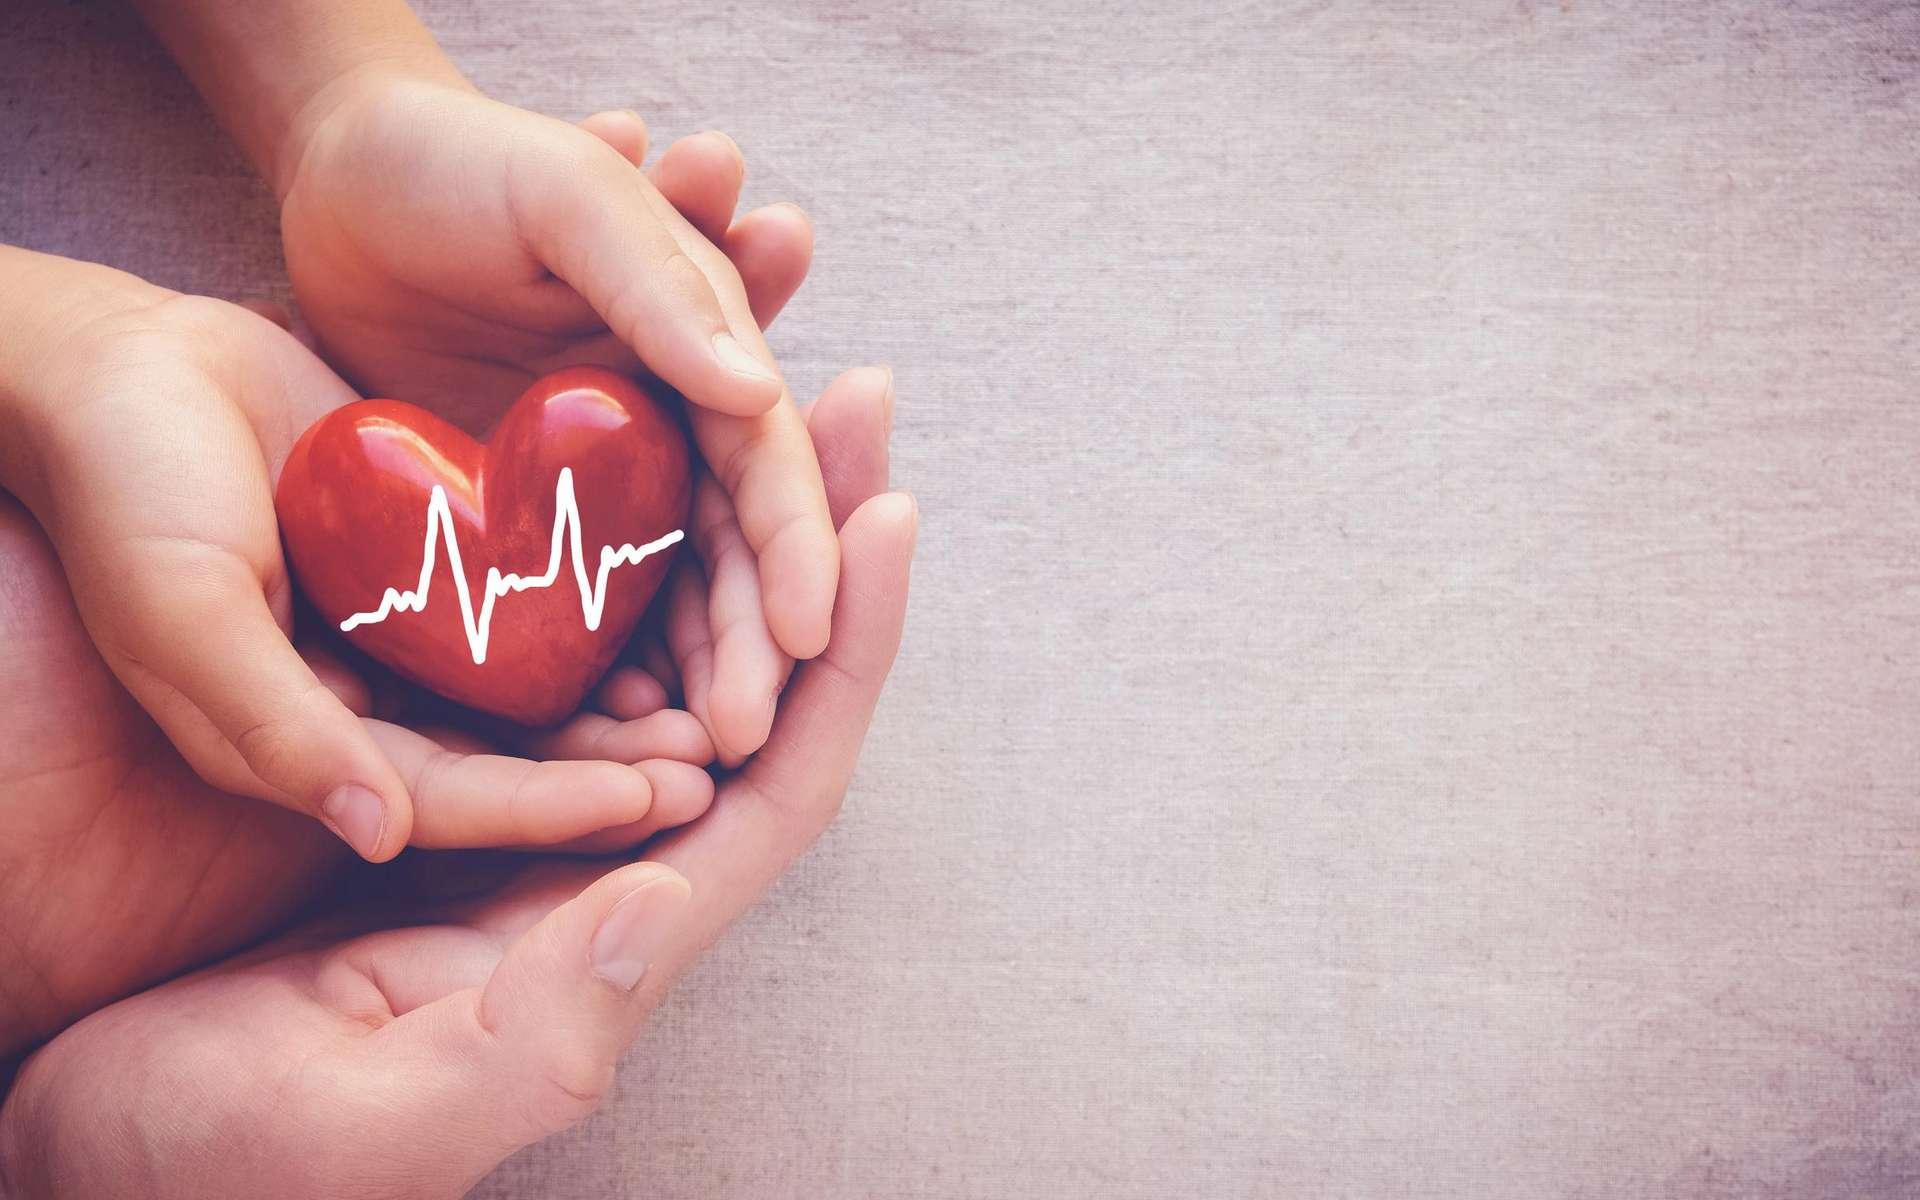 Le secteur de la santé fait partie des domaines en perpétuel recrutement. © Sewcream, Adobe Stock